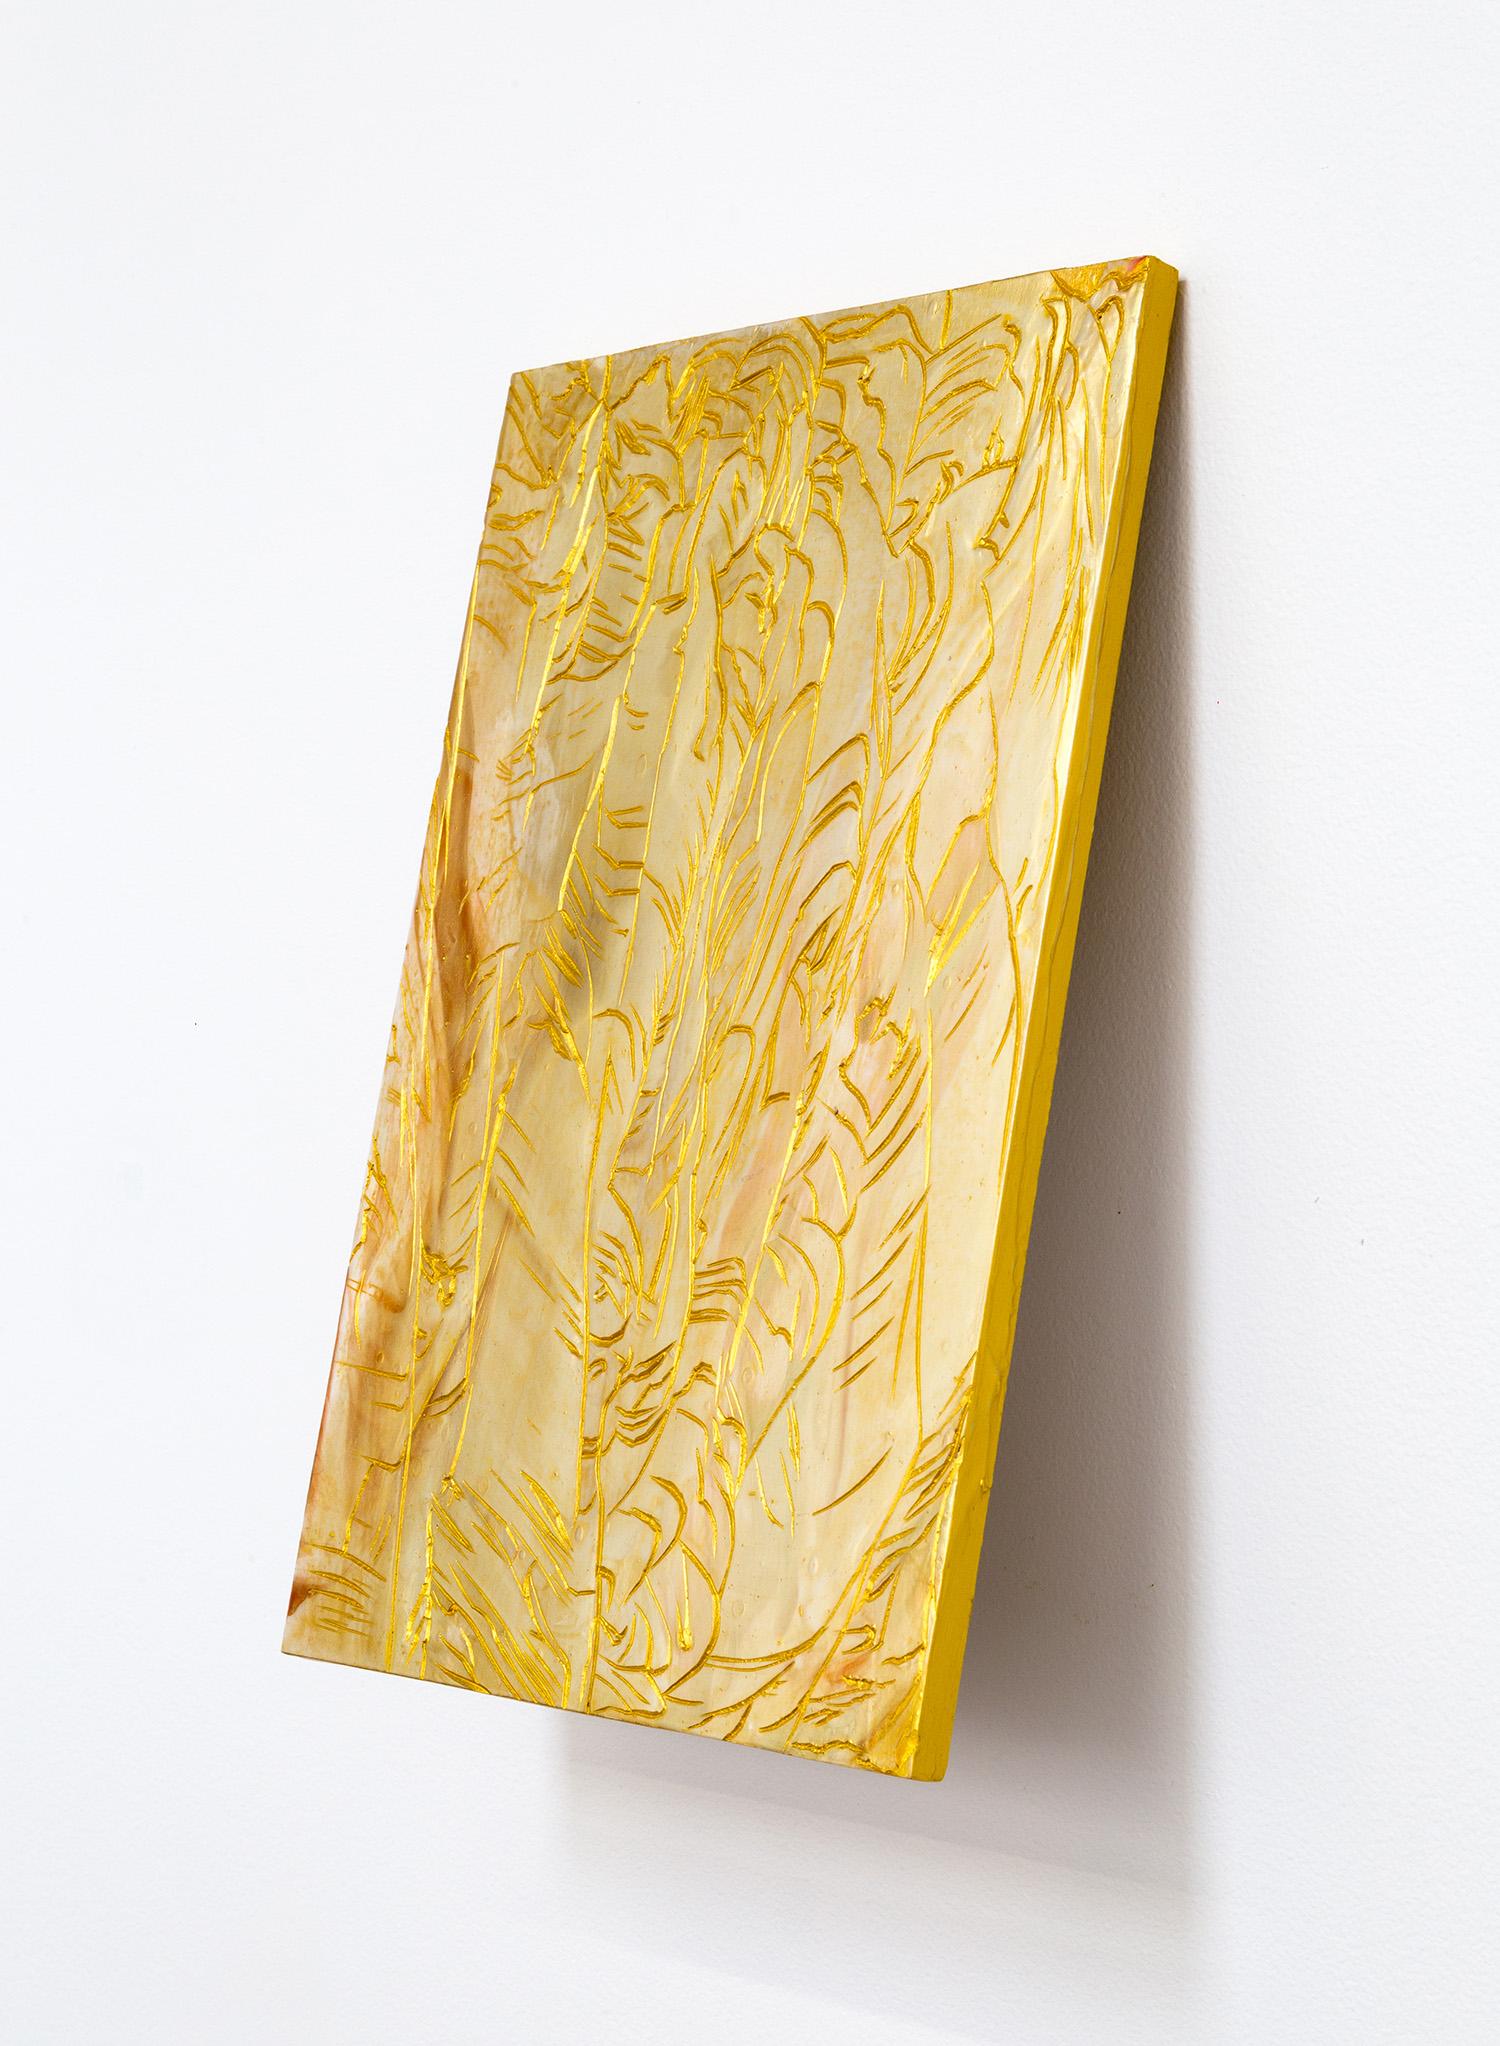 L'astre d'en haut , 2018, acrylic on carved Japanese Magnolia, 30x20cm.  Image: André Piguet.